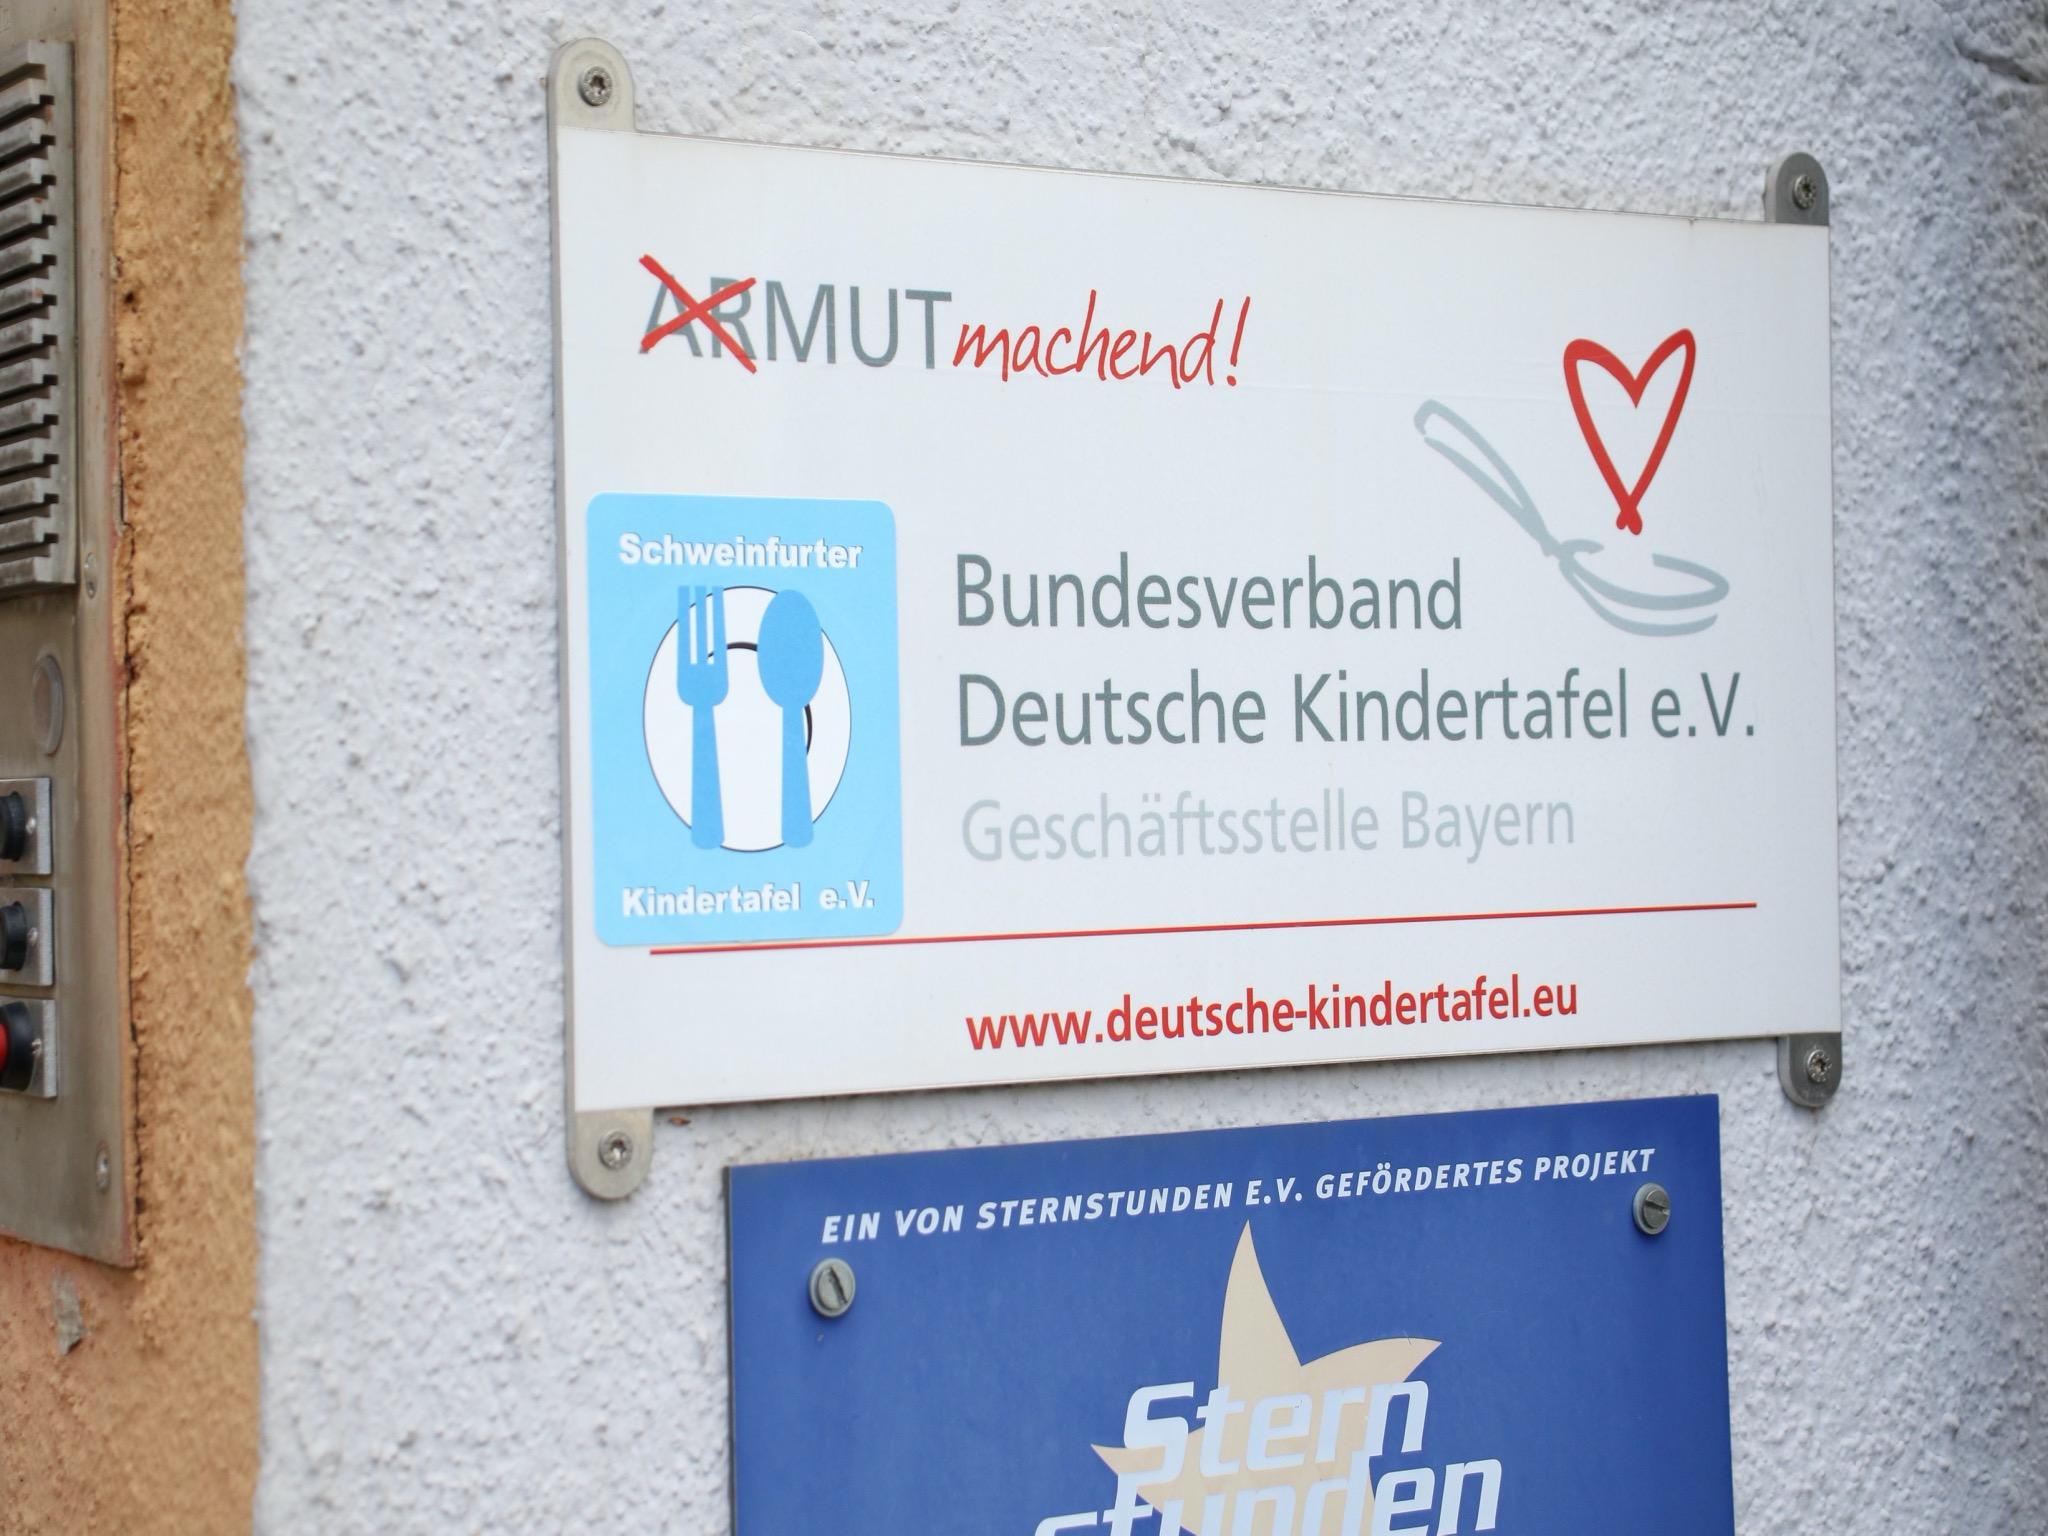 Die Schweinfurter Kindertafel gibt es schon mehr als 12 Jahre. Foto: Schweinfurter Kindertafel e.V.